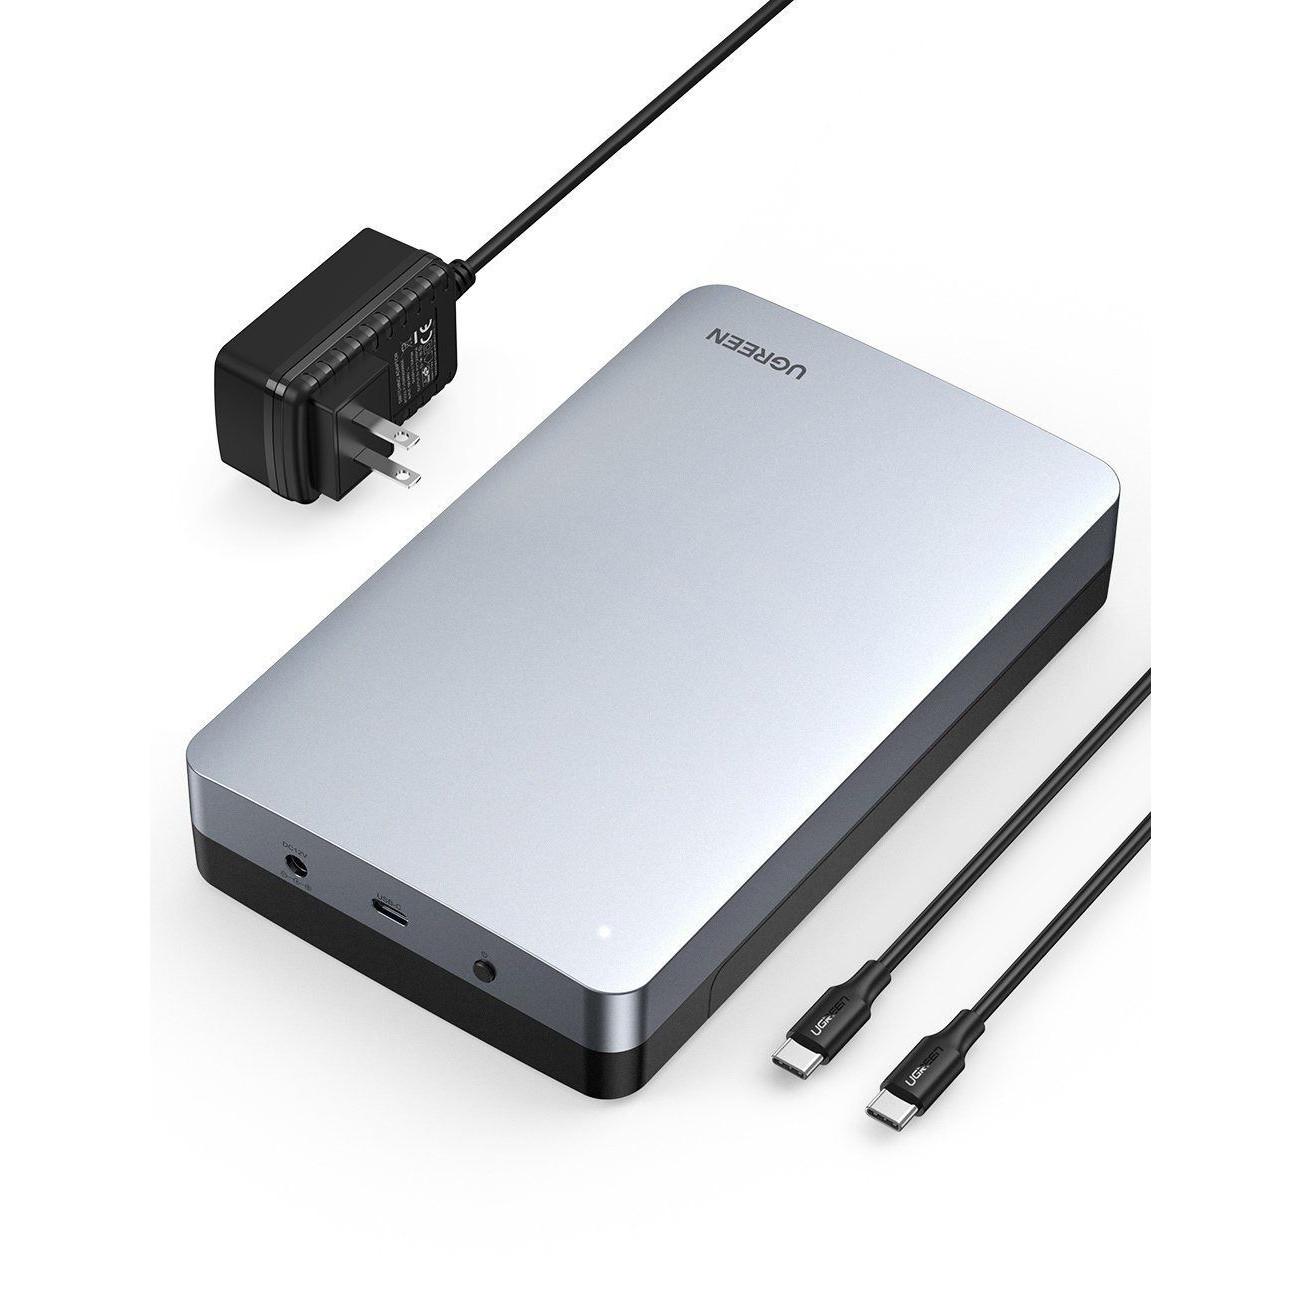 Hộp ổ cứng sata kết nối với máy tính kèm dây cáp 2 đầu C usb type c 3.1 gen2 3.5inch Ugreen 70797 CM301 Hàng Chính Hãng